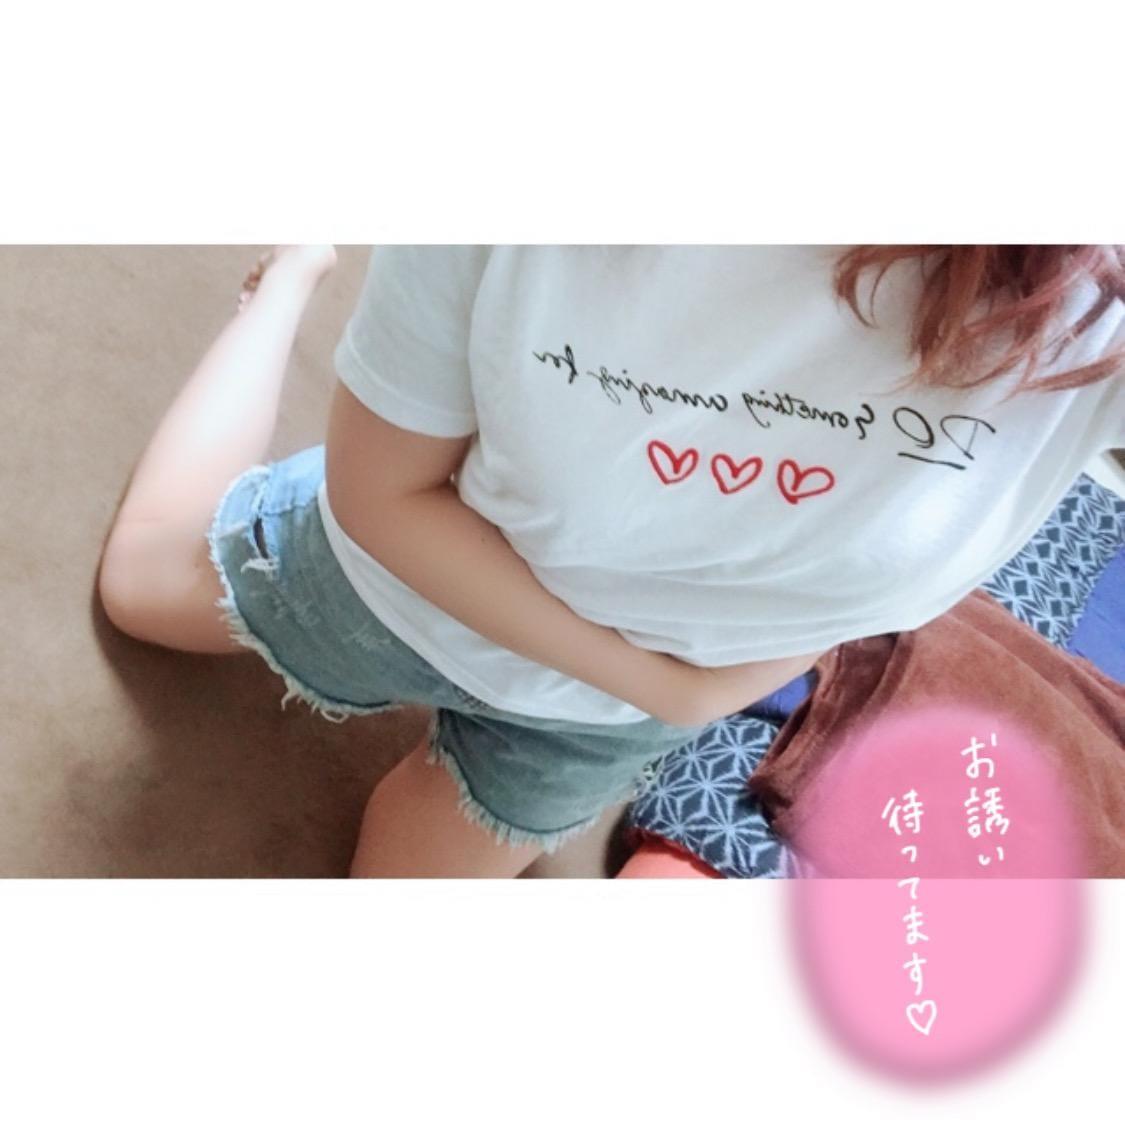 「まだまだ♡」07/07(07/07) 00:39   桜木みおの写メ・風俗動画